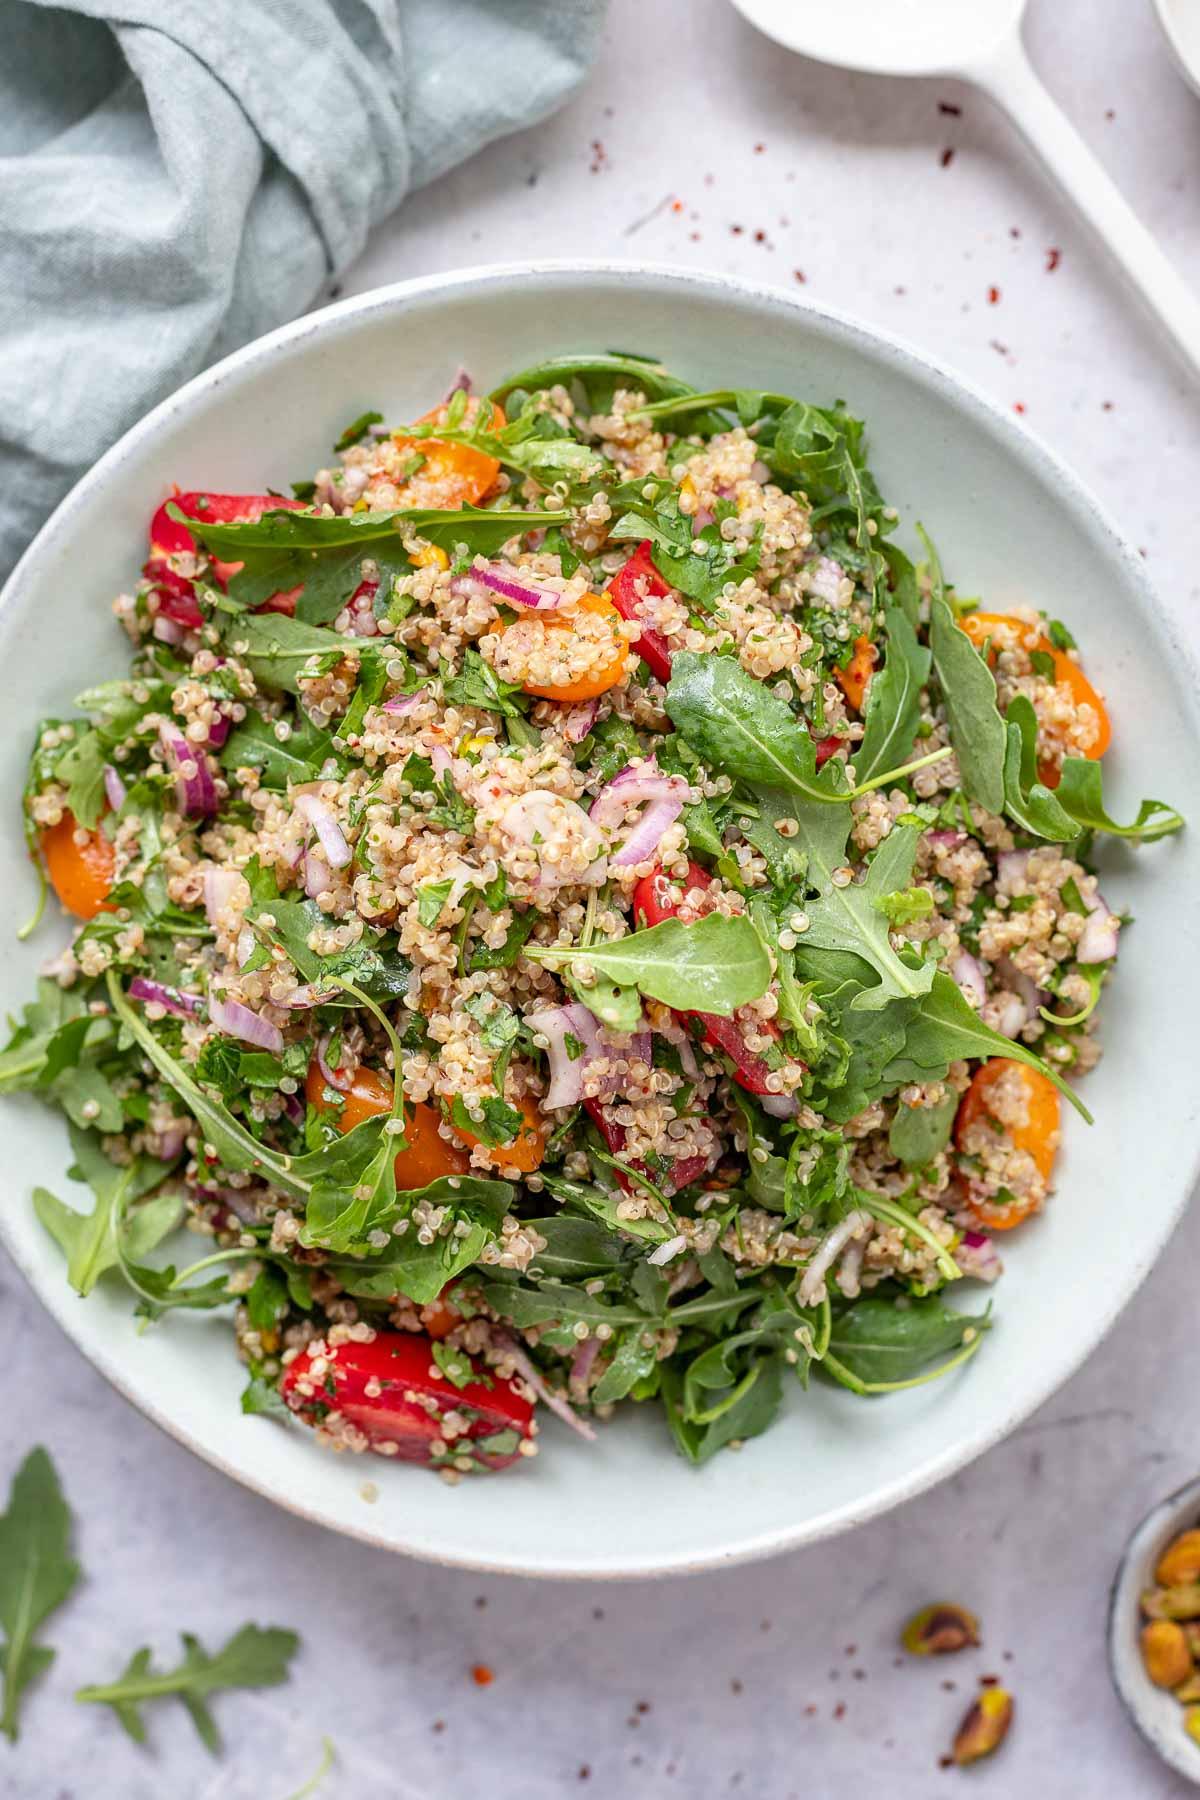 Quinoa Salad with Za'atar, Herbs, Tomato, Arugula & Pistachio